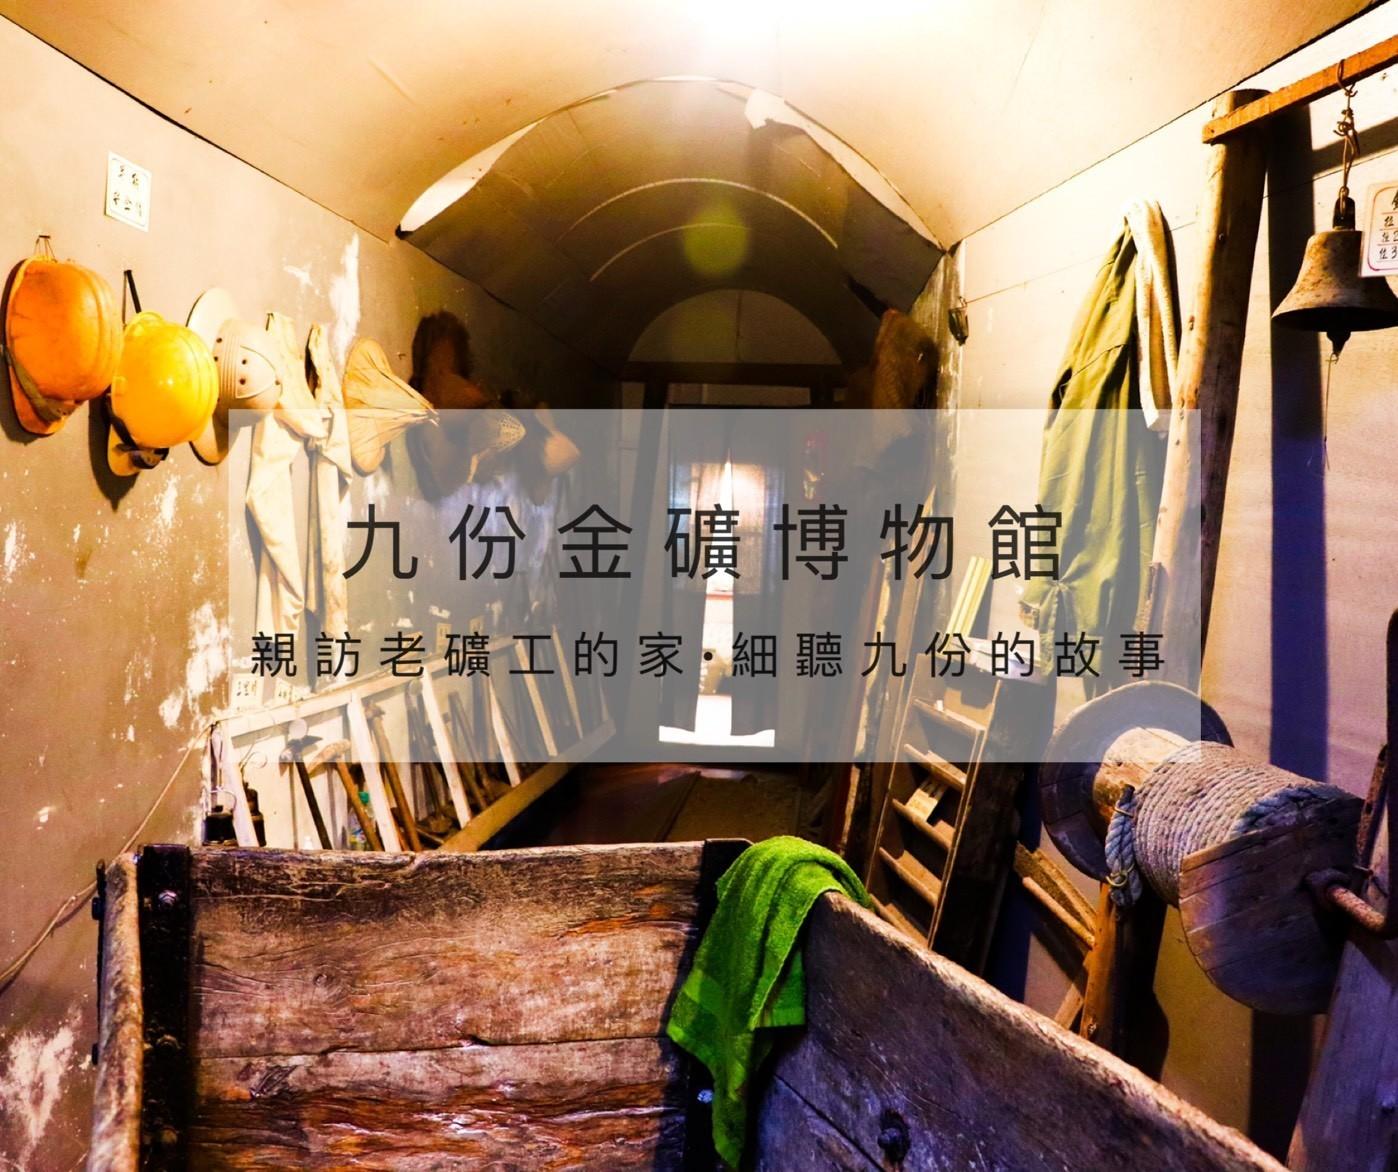 九份金礦博物館 |隱藏版行程推薦!親訪老礦工的家,細聽九份的故事。